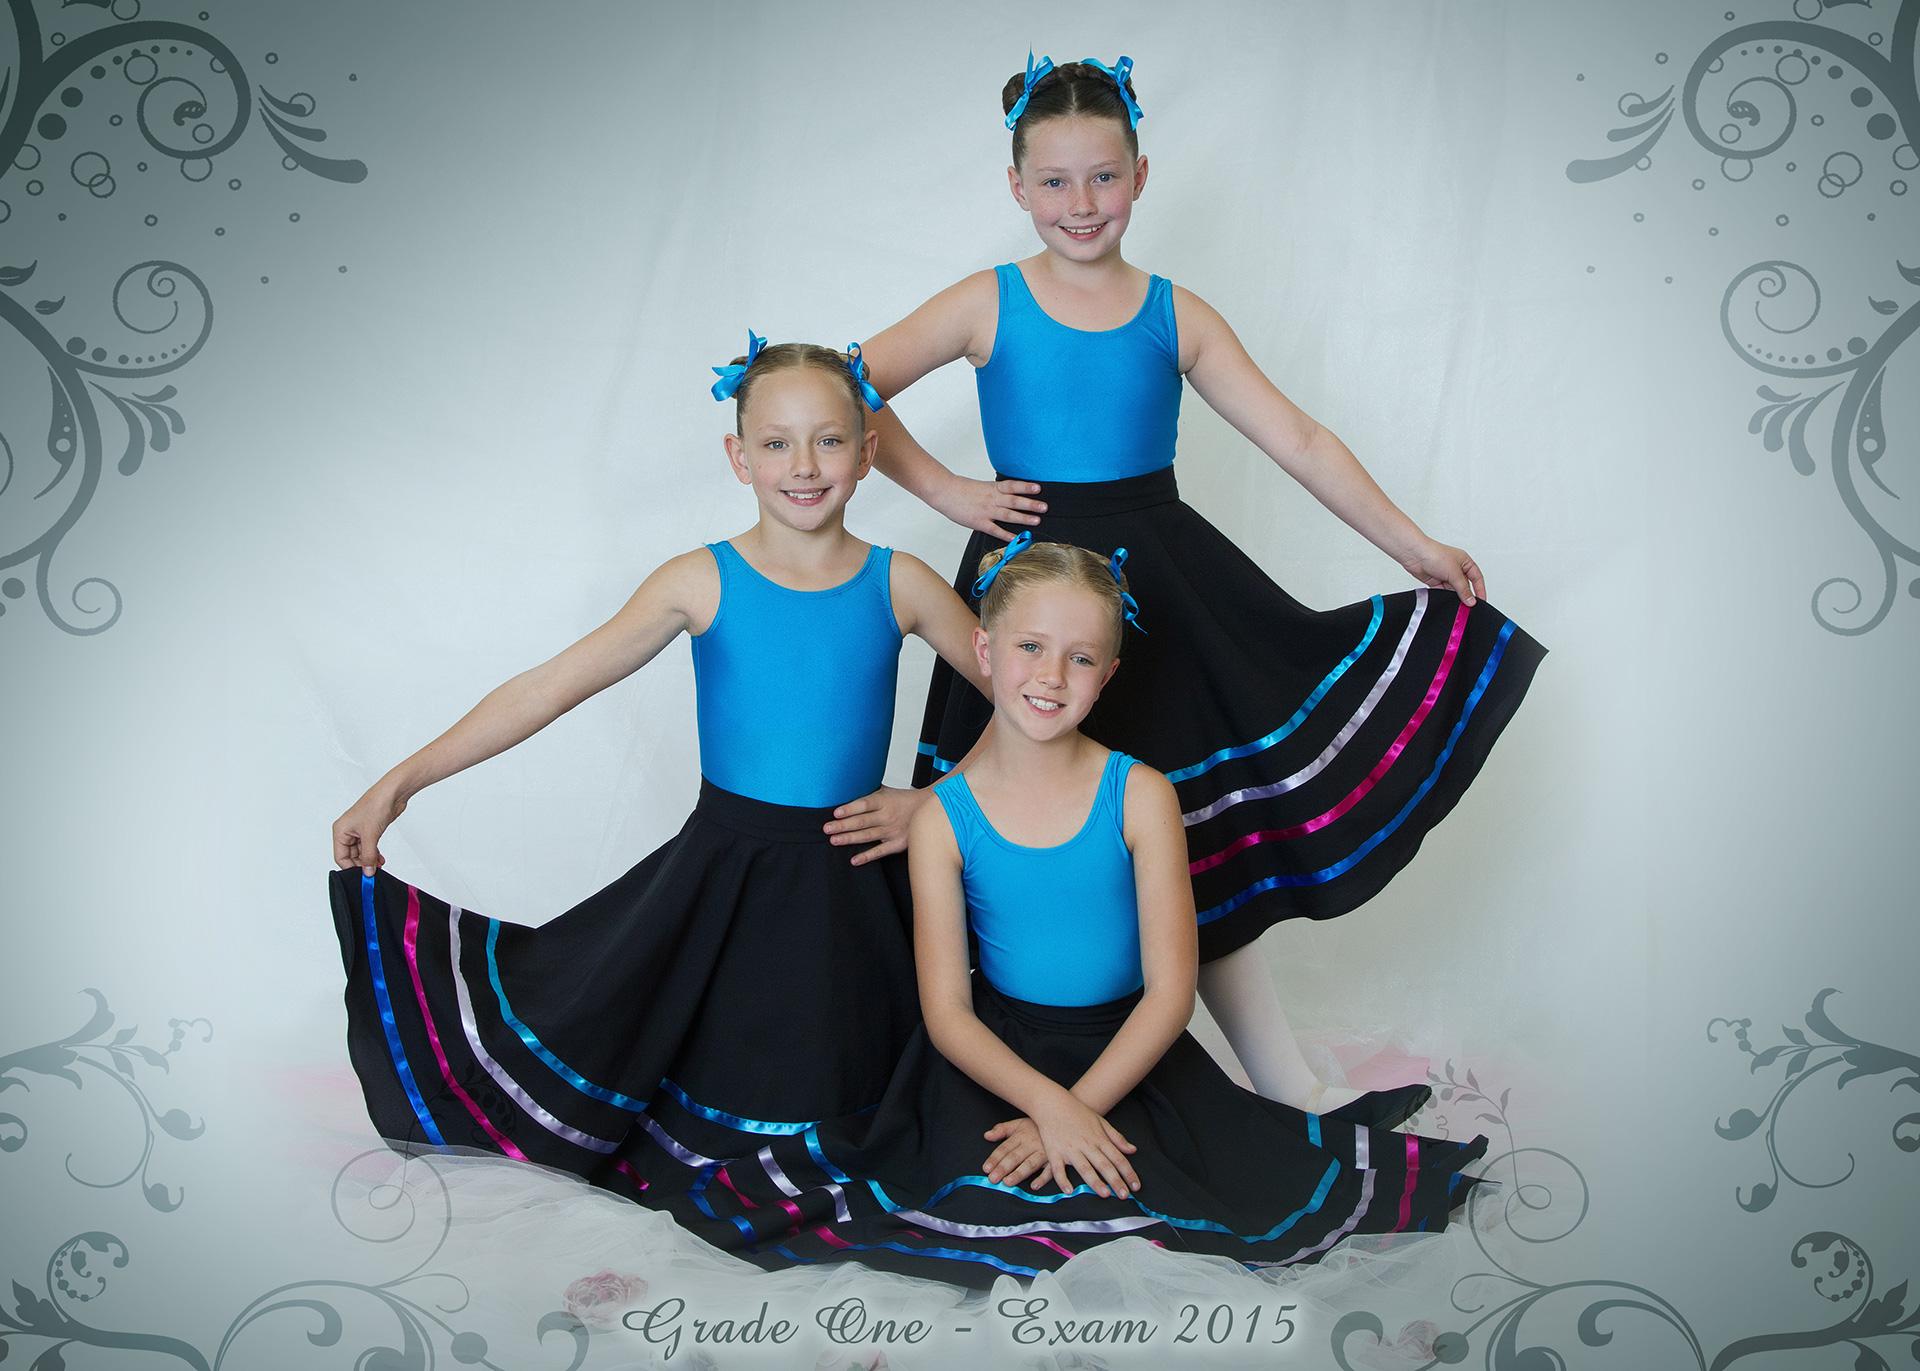 Ballet Exams 2015 - Liezel Marais Dance Academy